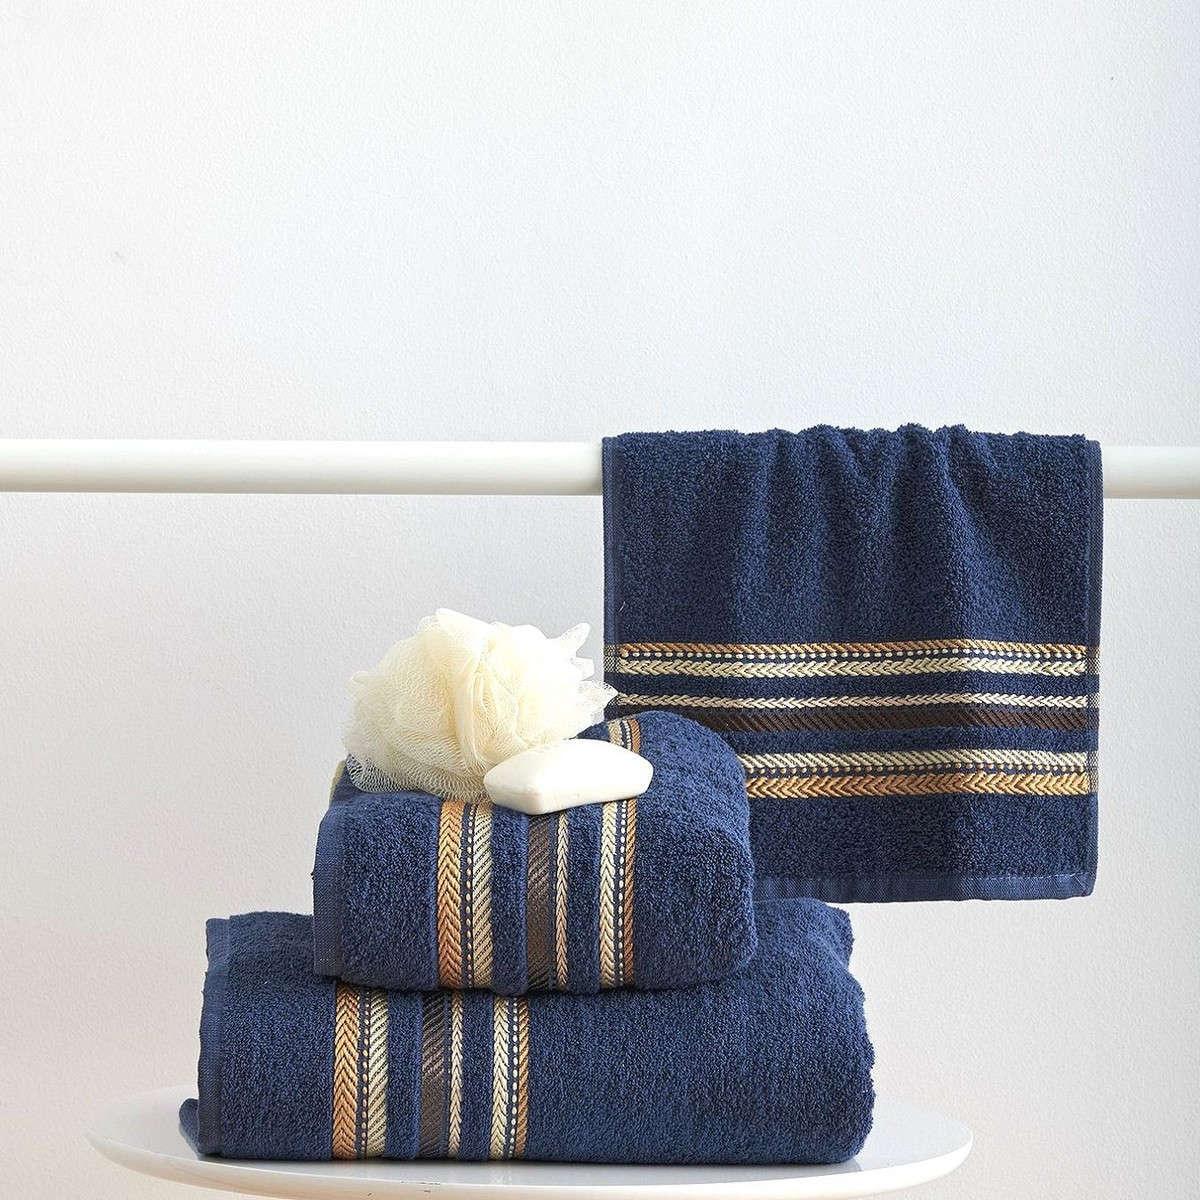 Πετσέτες Σετ 3Τεμ. Timothy Navy Sb Home Σετ Πετσέτες